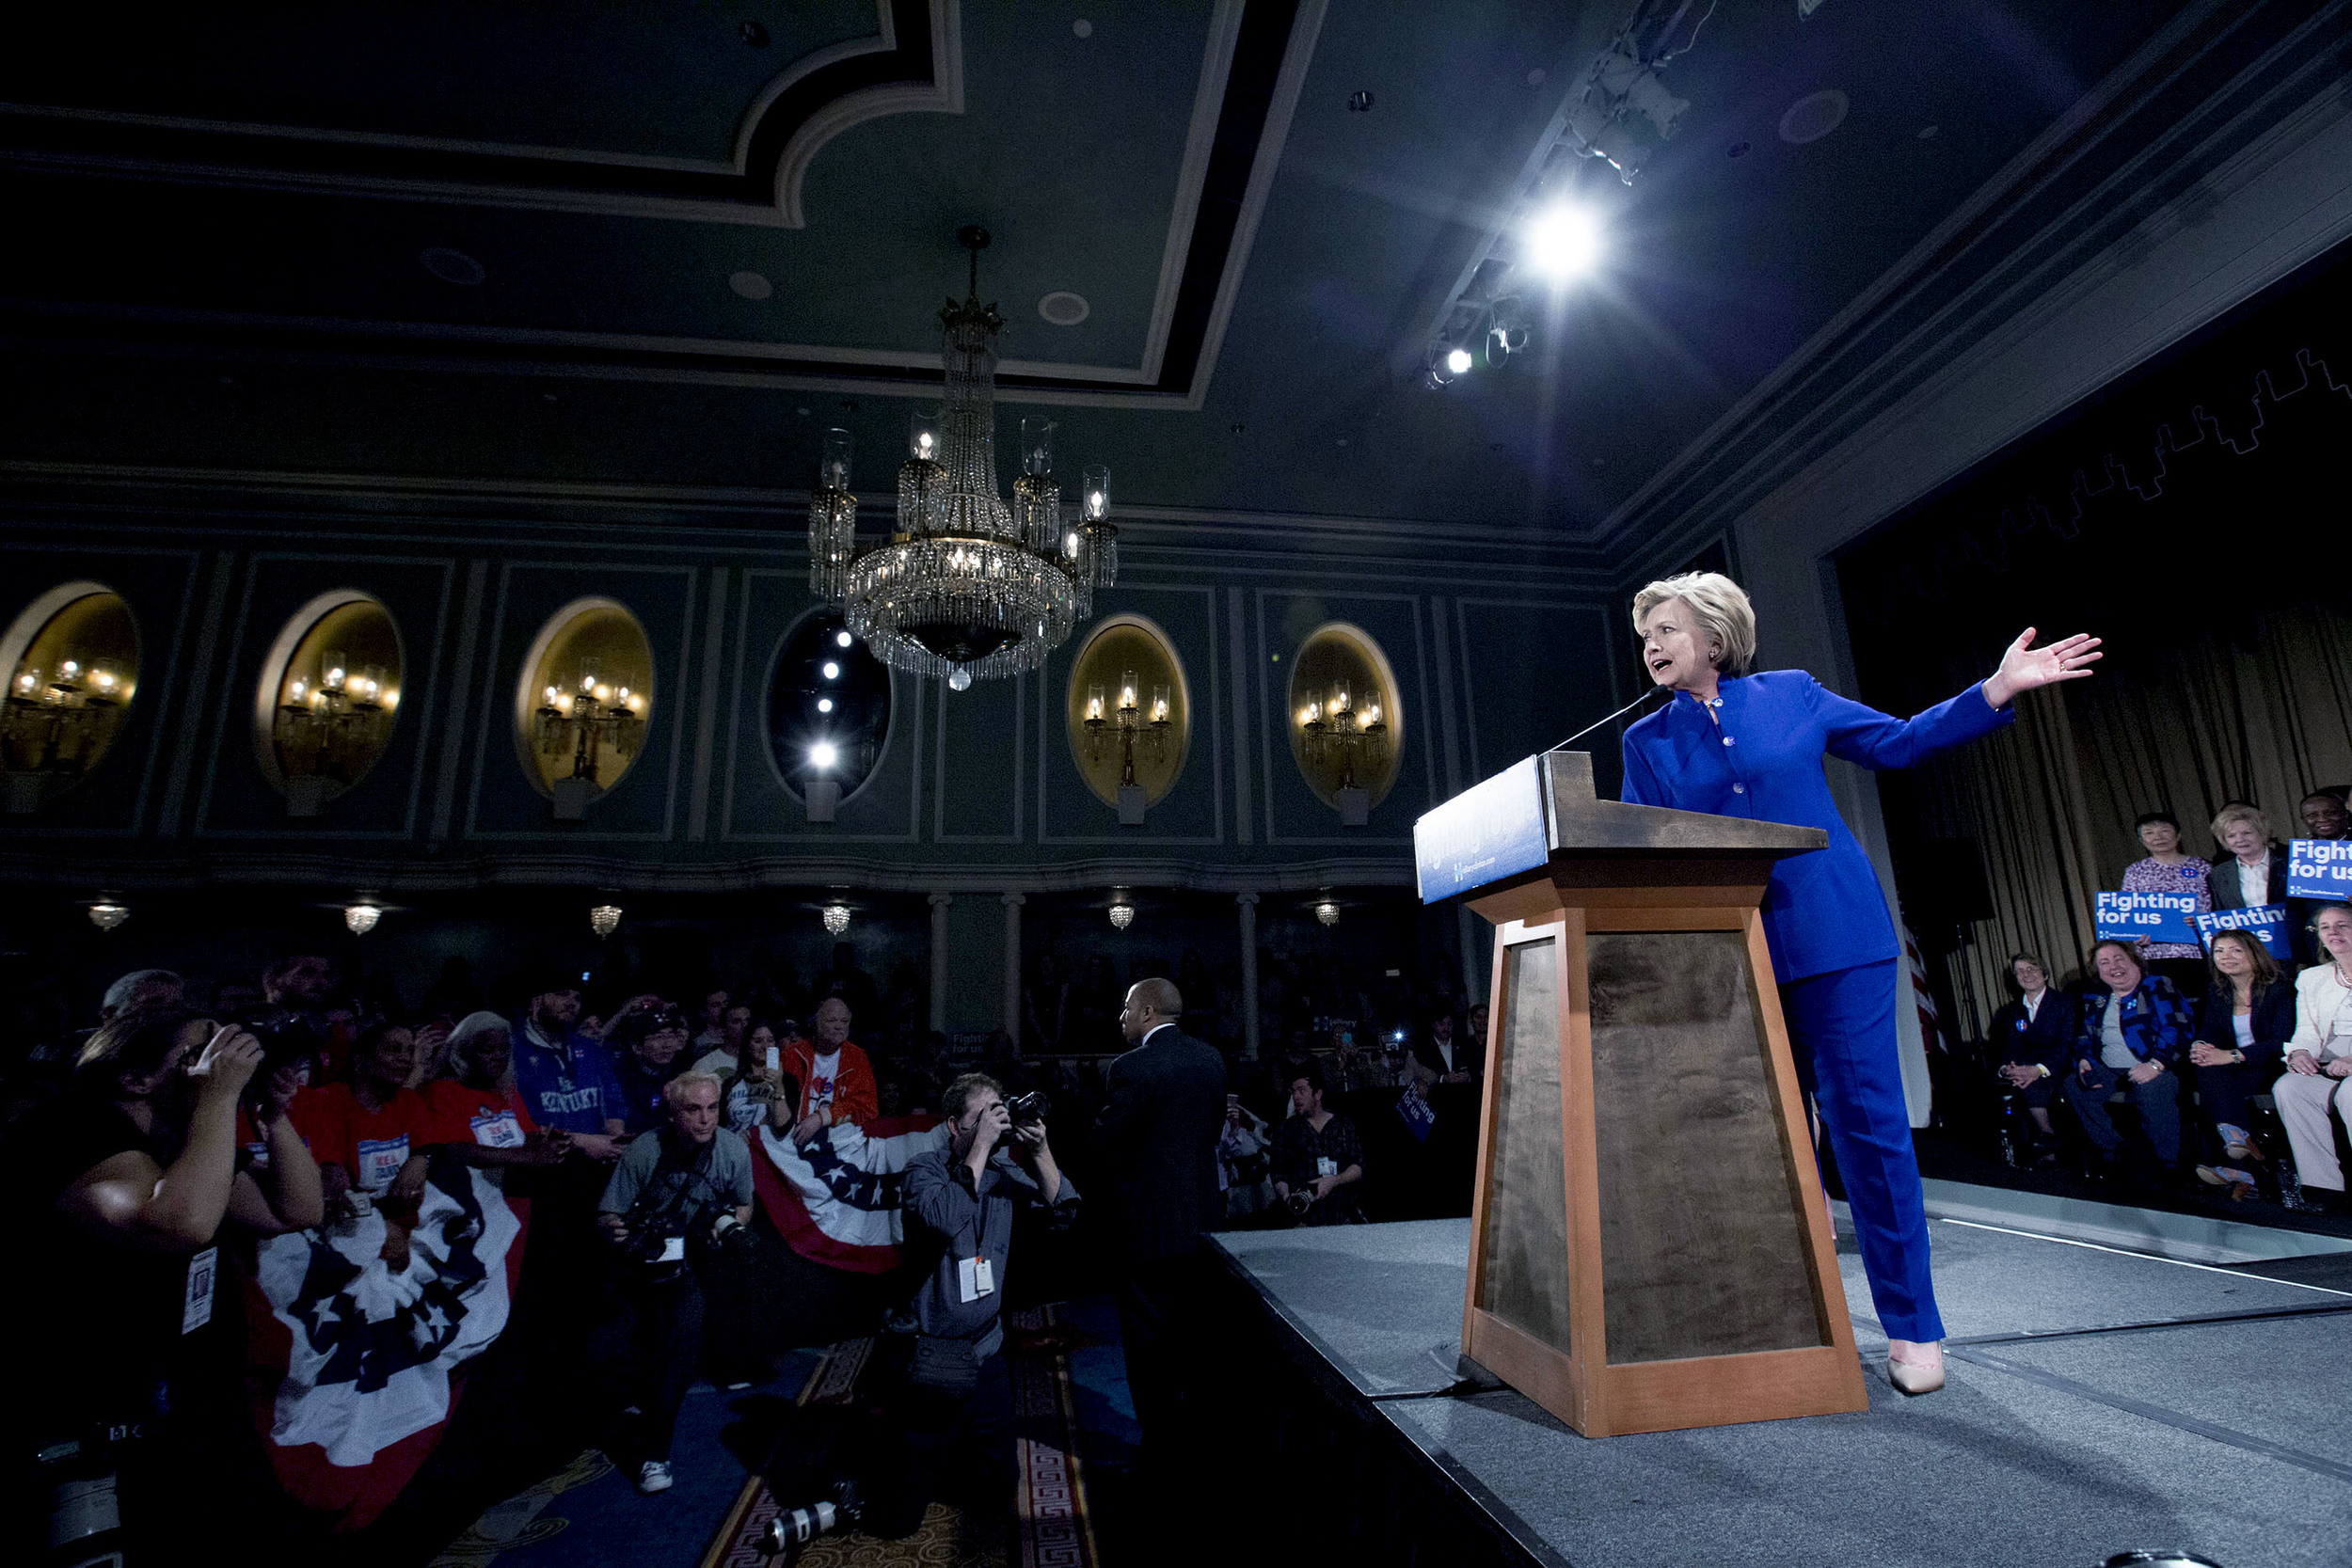 Hillary Clinton håller tal på Hilton i Midtown Manhattan inför ca. 6-700 personer dagen efter Bernie talade inför 28.000 anhängare i Brooklyn. På Hillarys valmöte lyckades jag, till skillnad från dagen innan, få fem minuter (men inte mer) framför scenen vilket ju skapar mer närhet i bilderna.